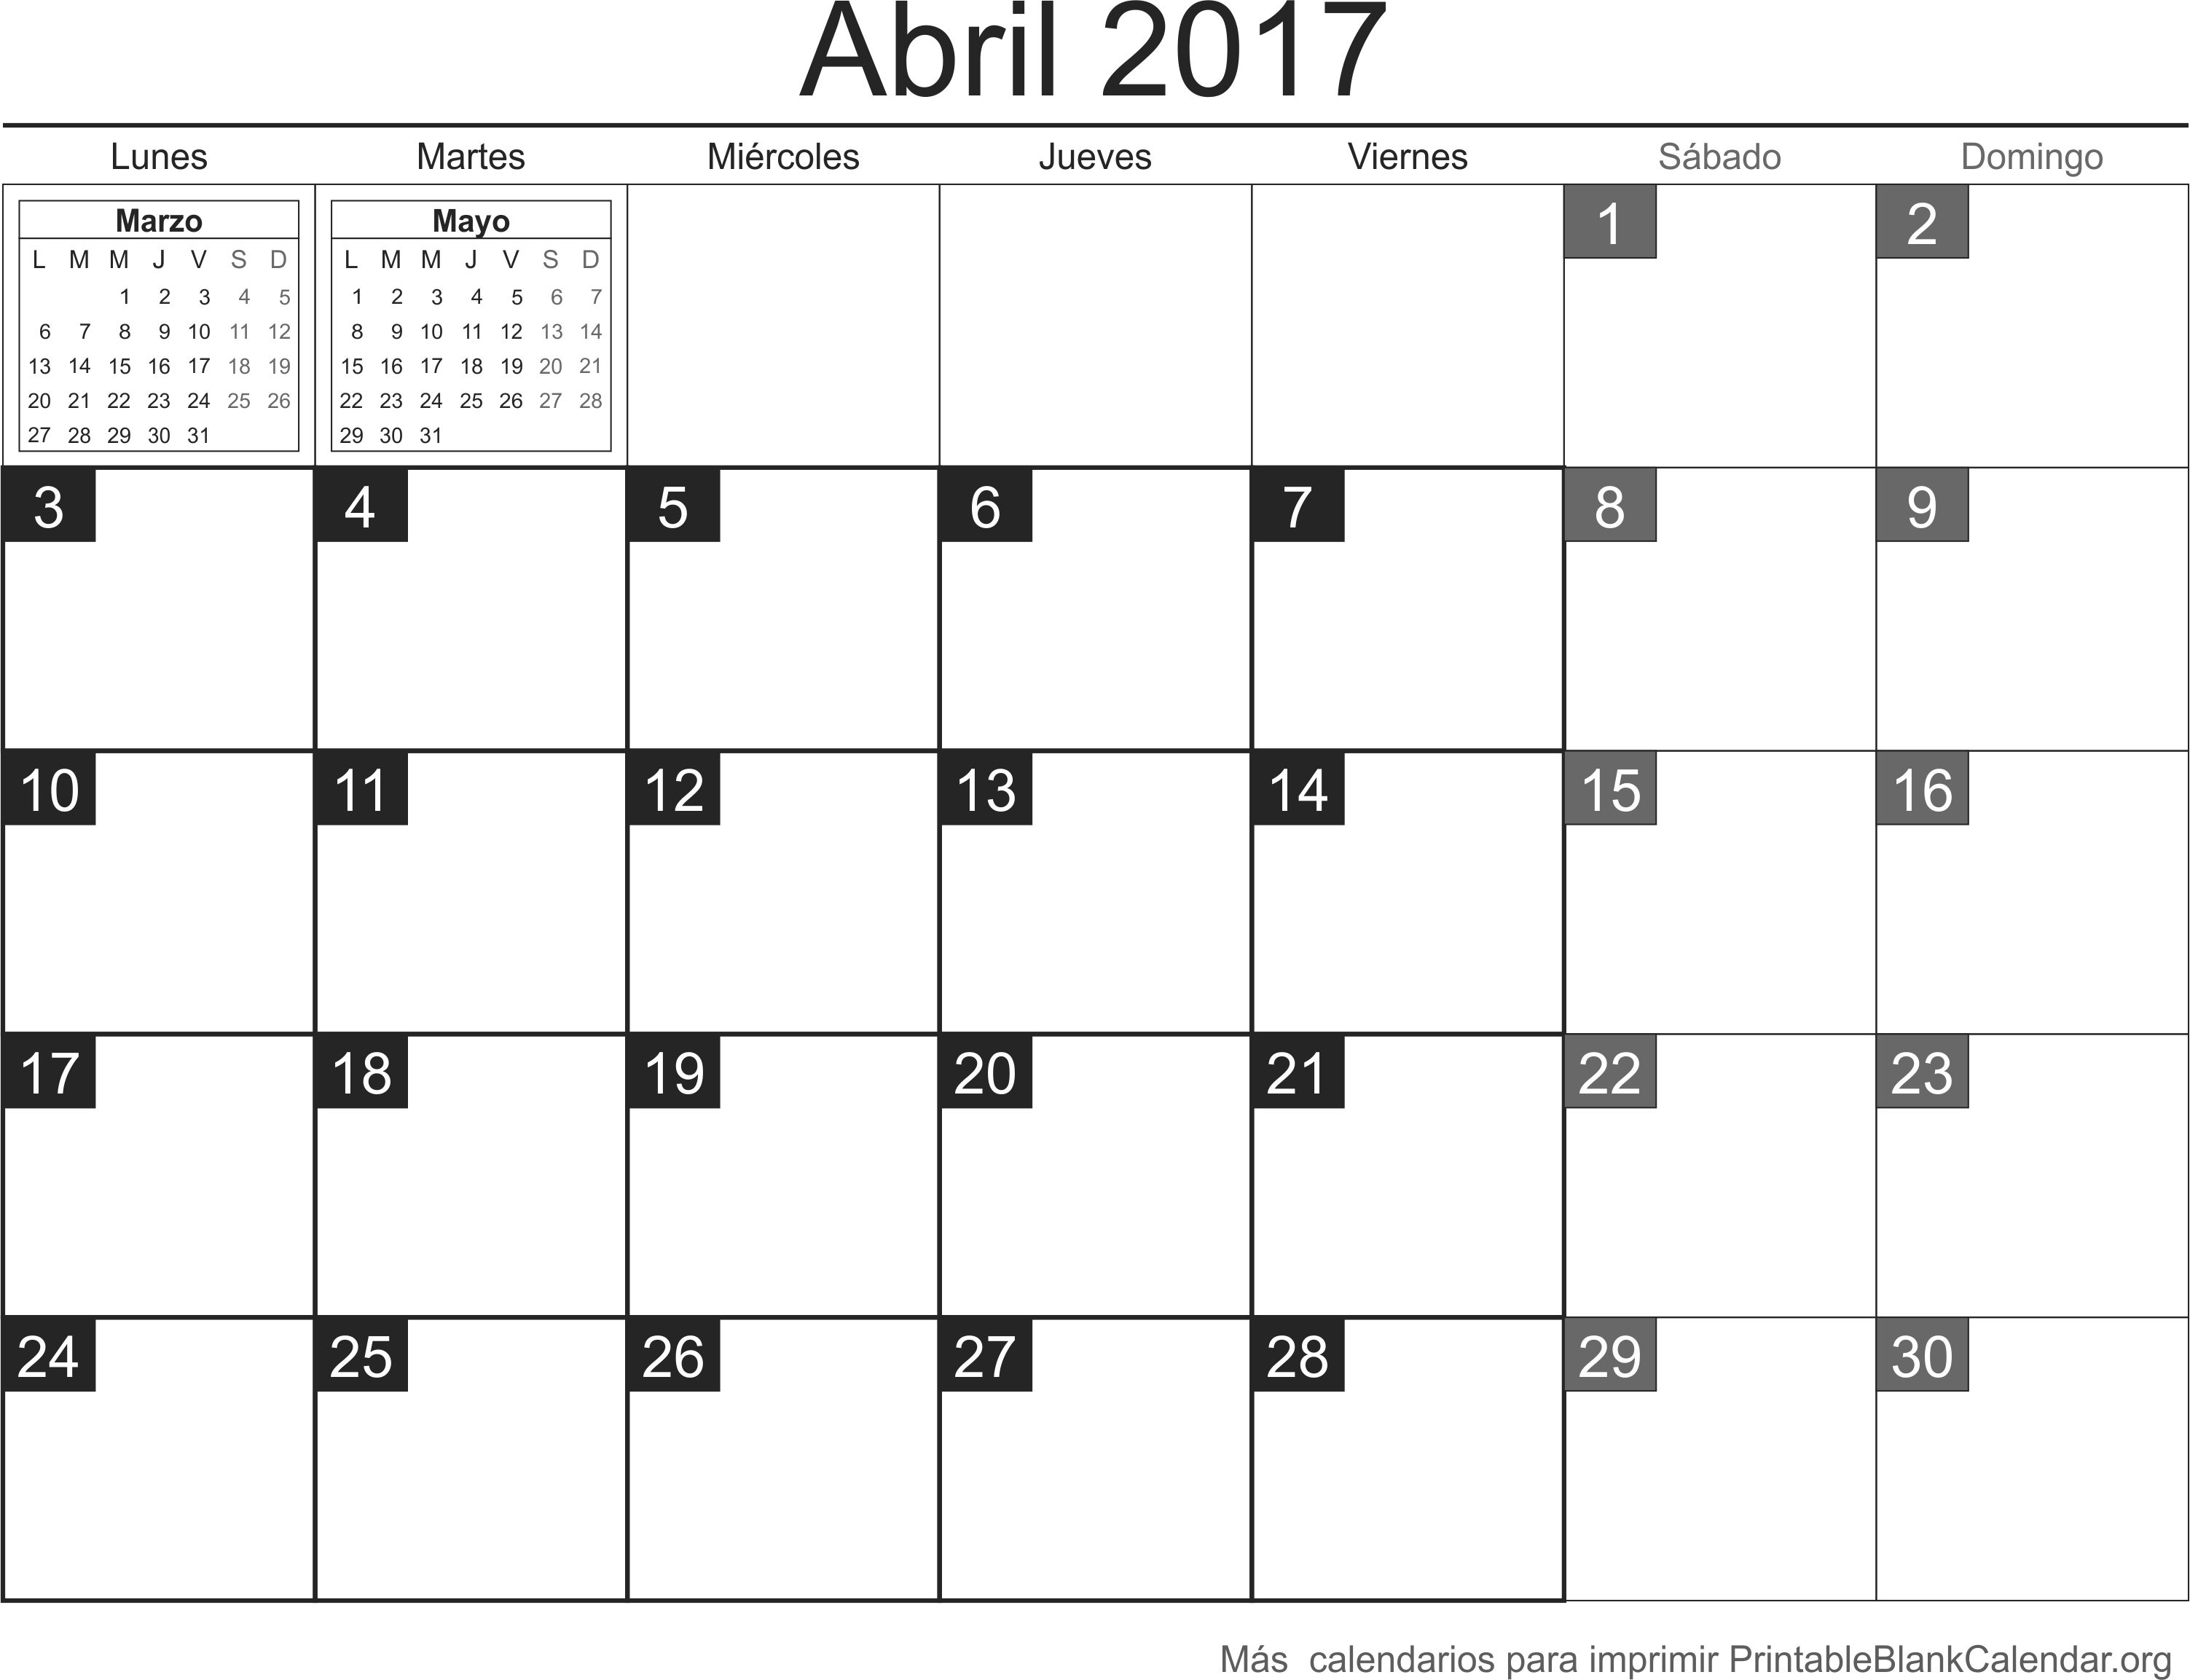 abril 2017 calendario